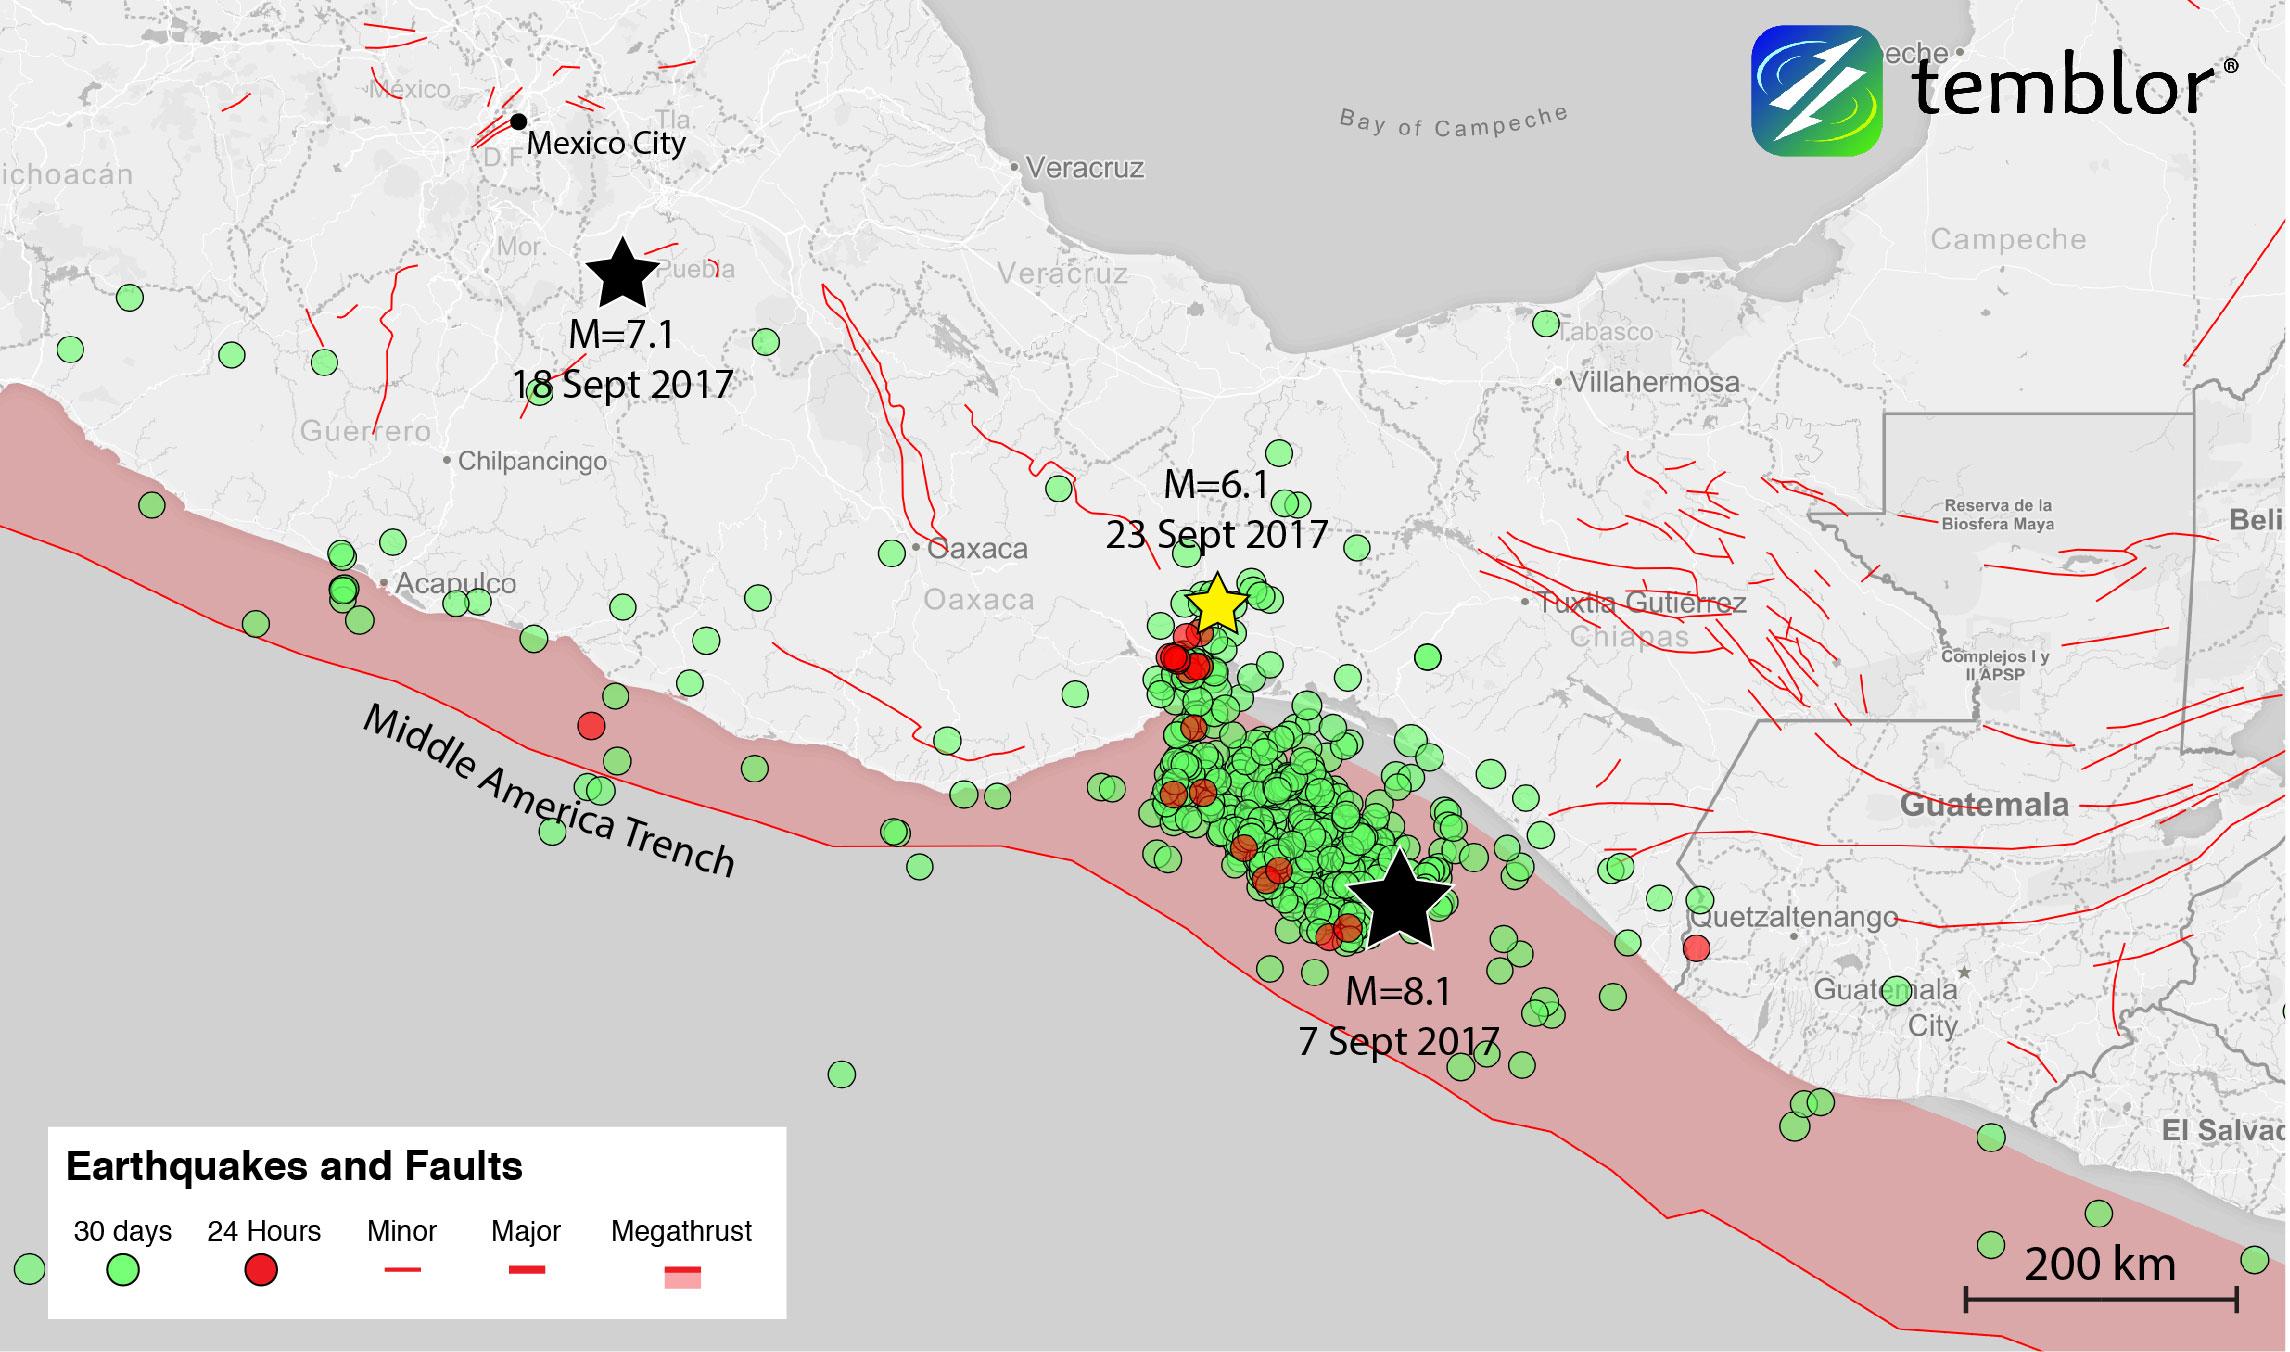 Mexico-earthquake-map-mexico-city-earthquake-mexico-earthquakes